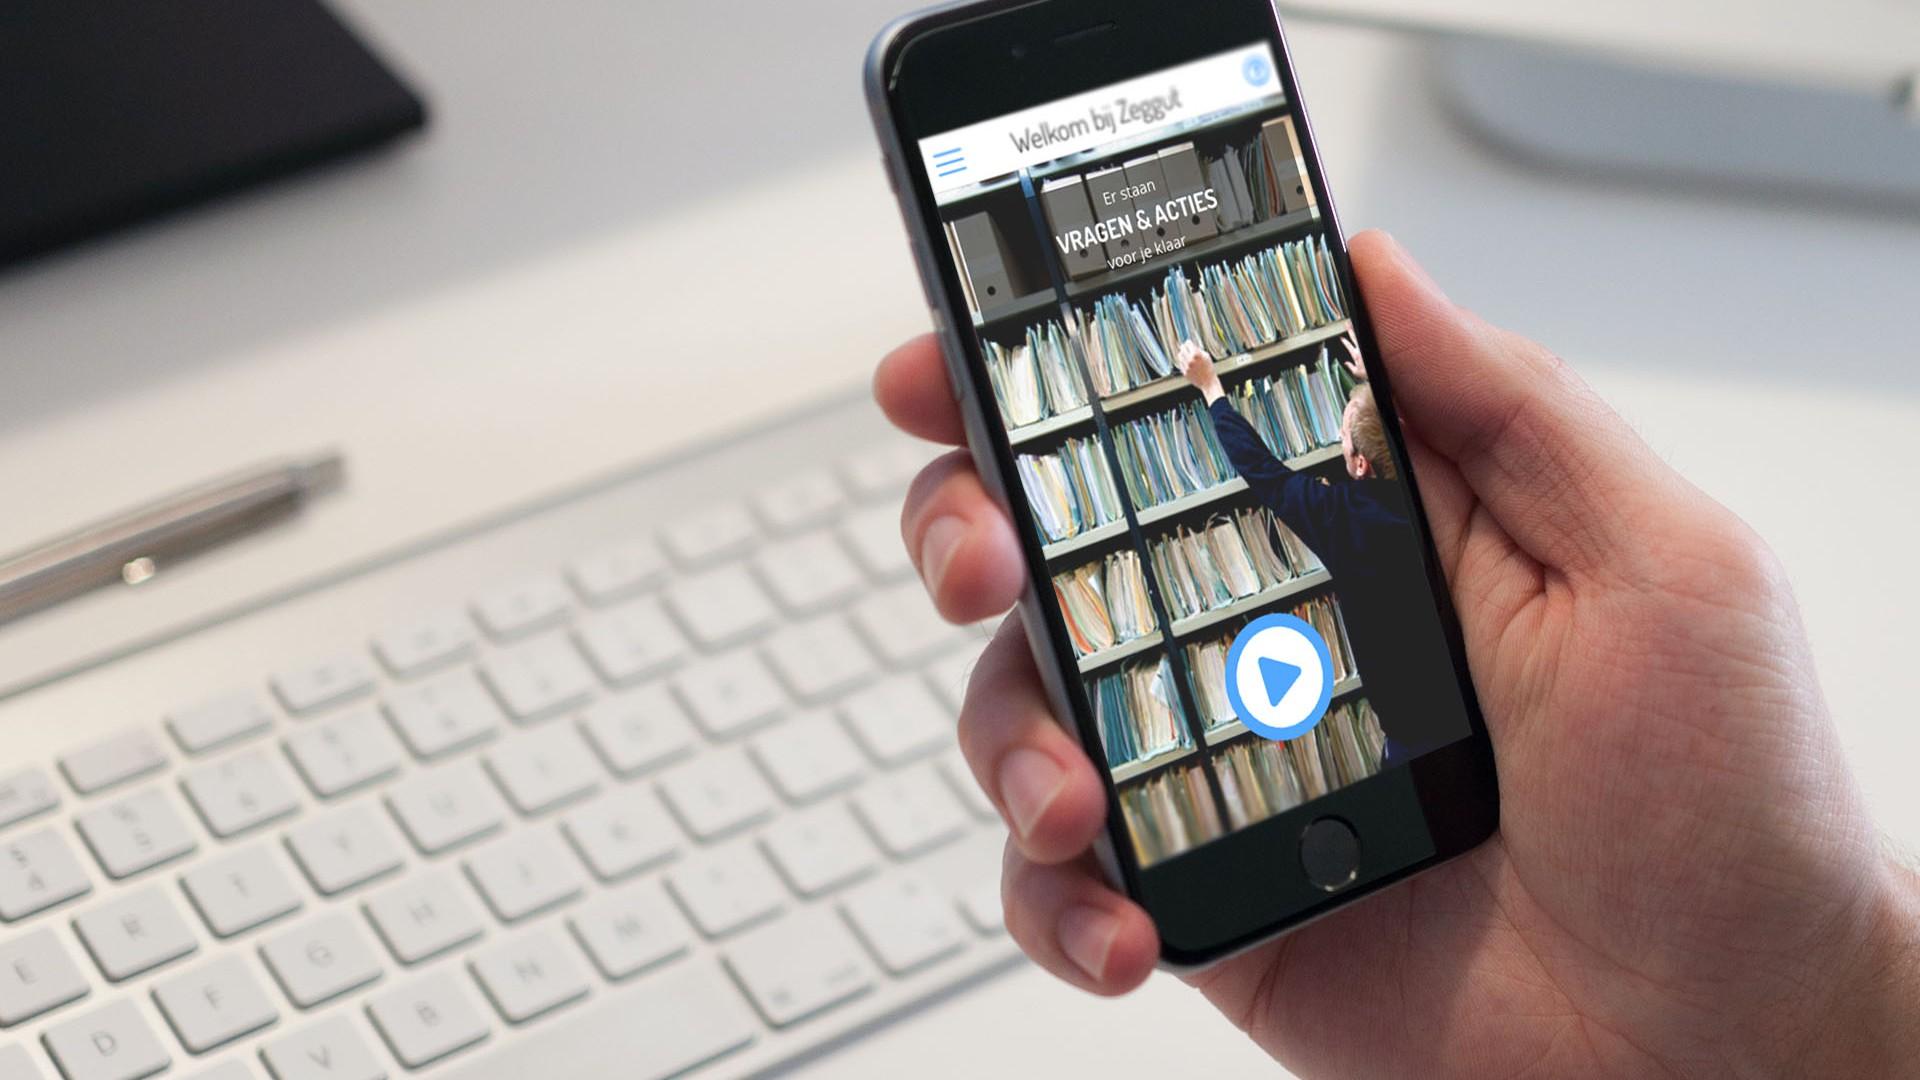 Leiderschapstraining voor Doc-direkt met behulp van een micro learning app